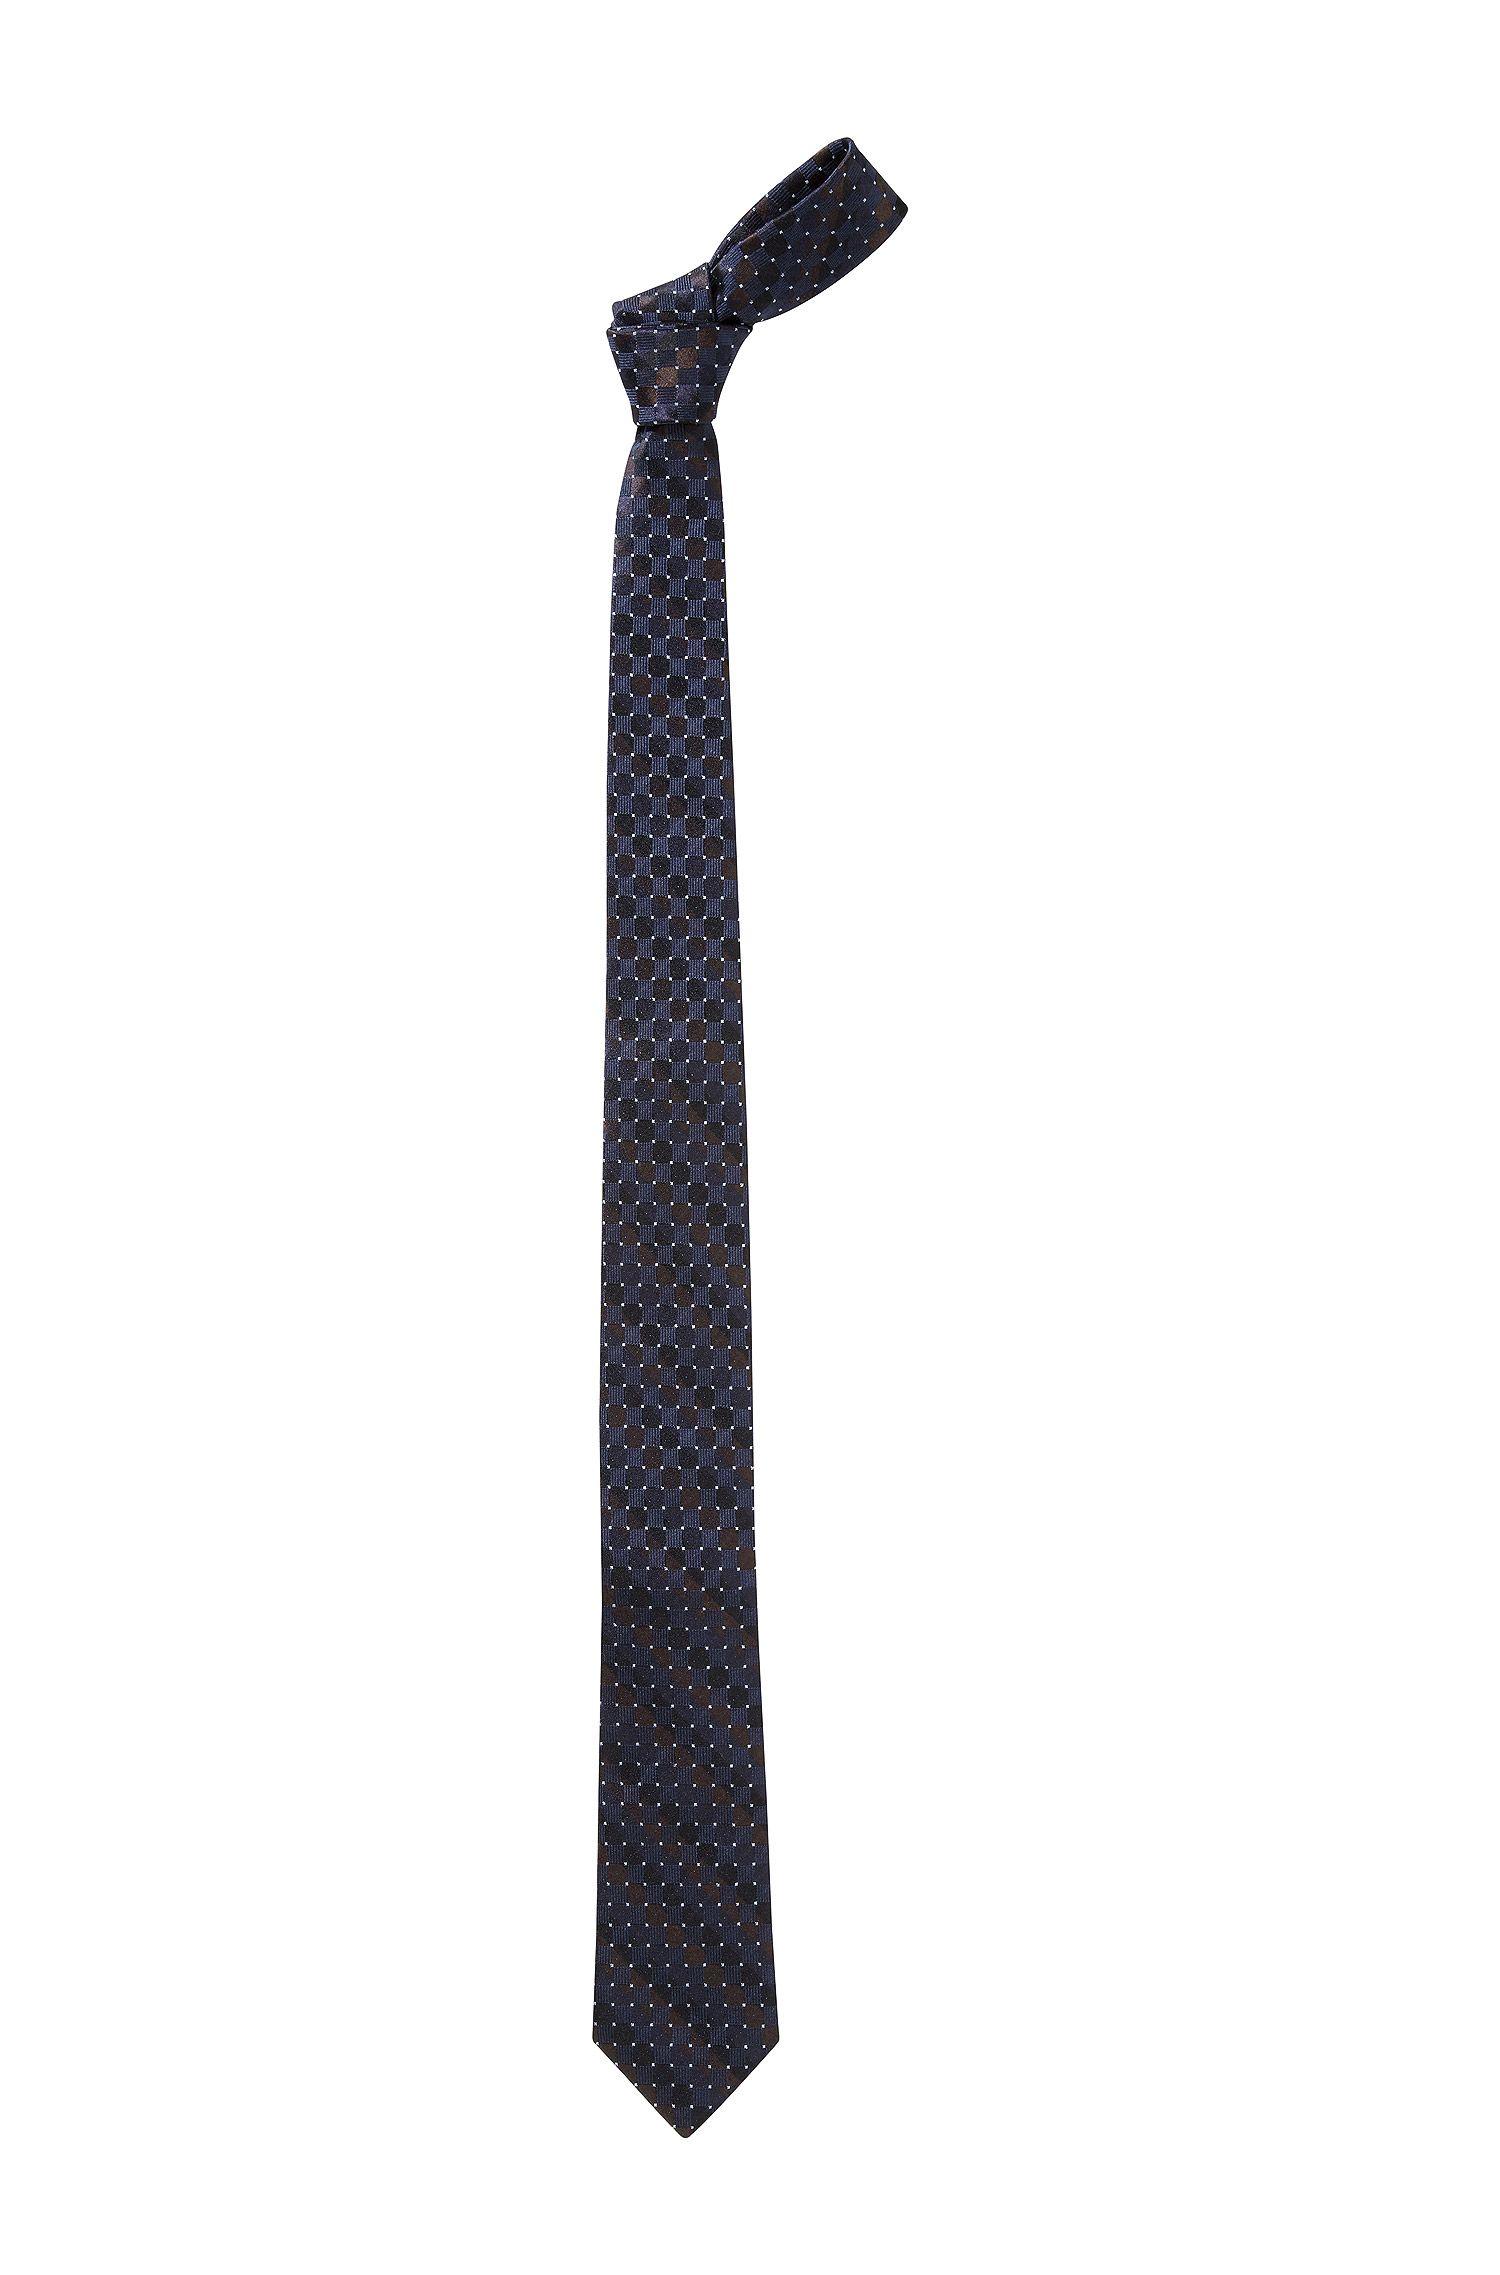 Krawatte ´Tie 6 cm` mit Allover-Dessin aus Seide